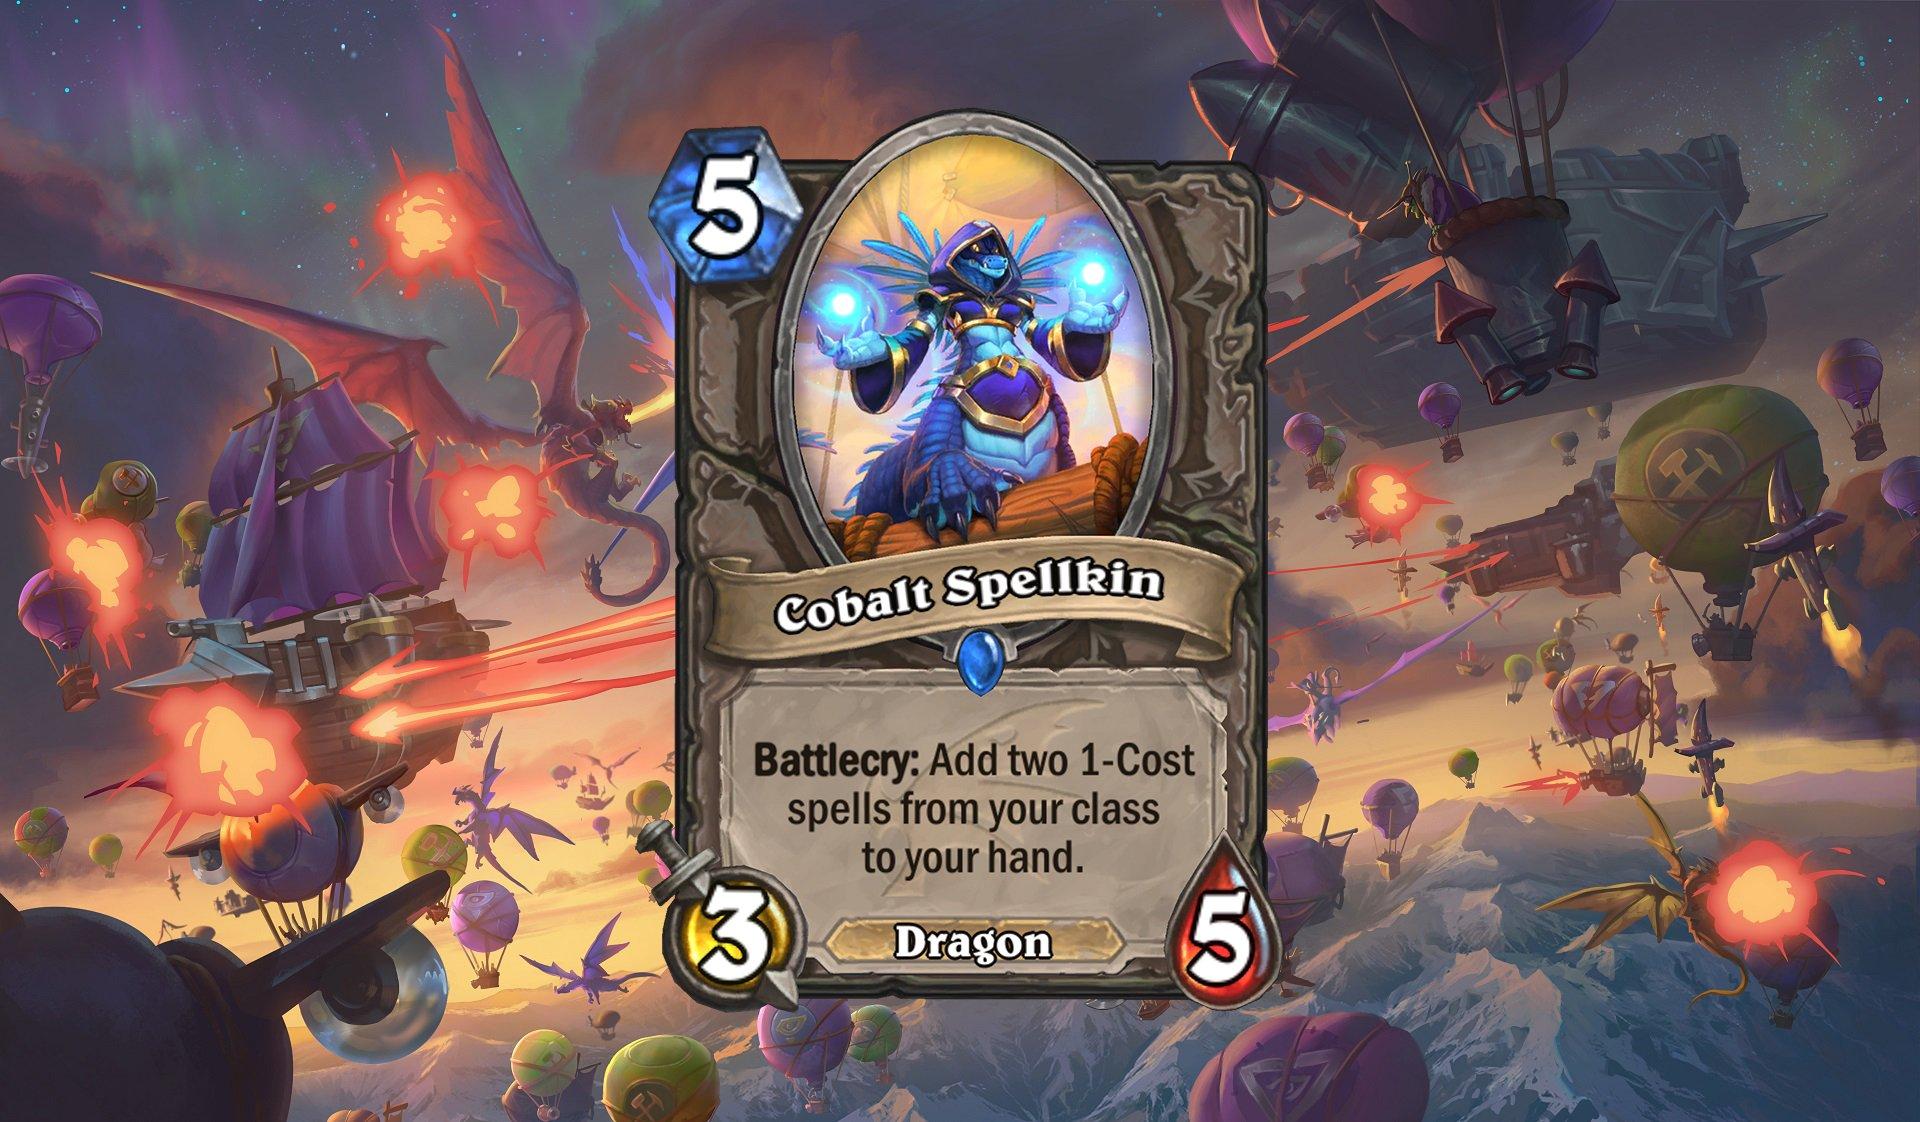 Hearthstone - Cobalt Spellkin